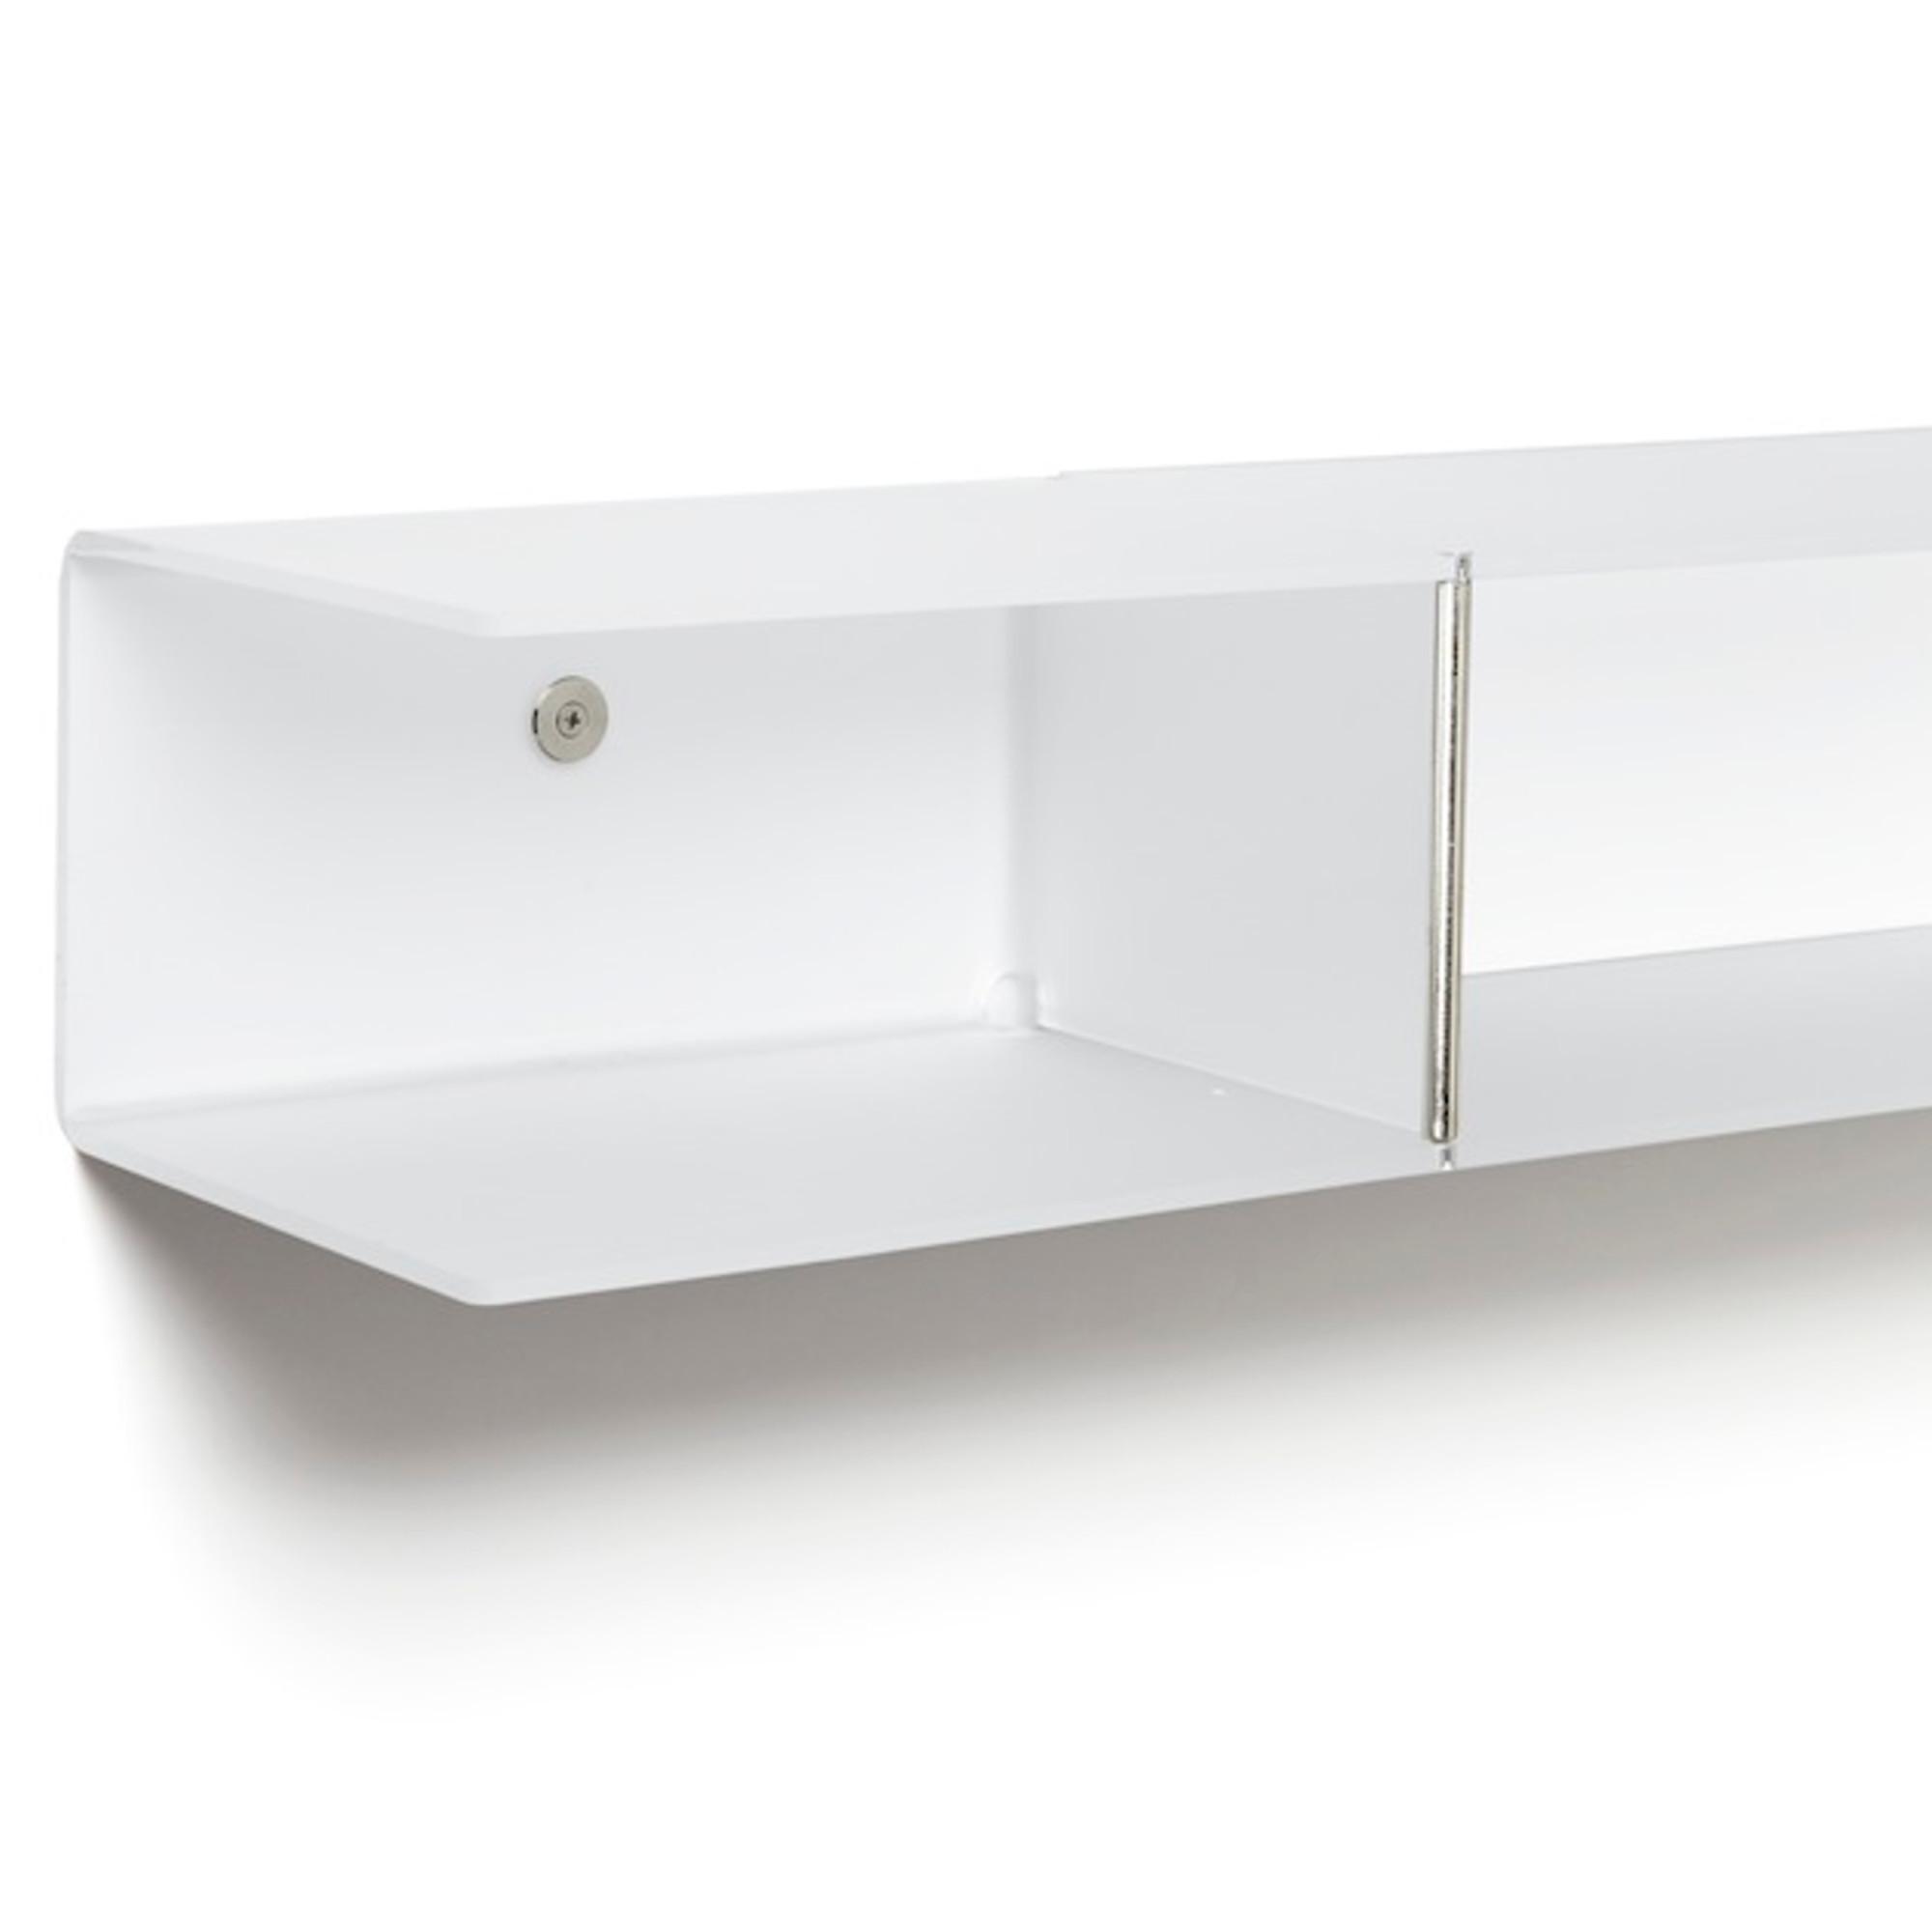 Mensole Da Parete Cucina mensola da parete 100x20xh16 cm bi-mensola pensile in metacrilato portata  max: 15 kg bianco satinato | emporium